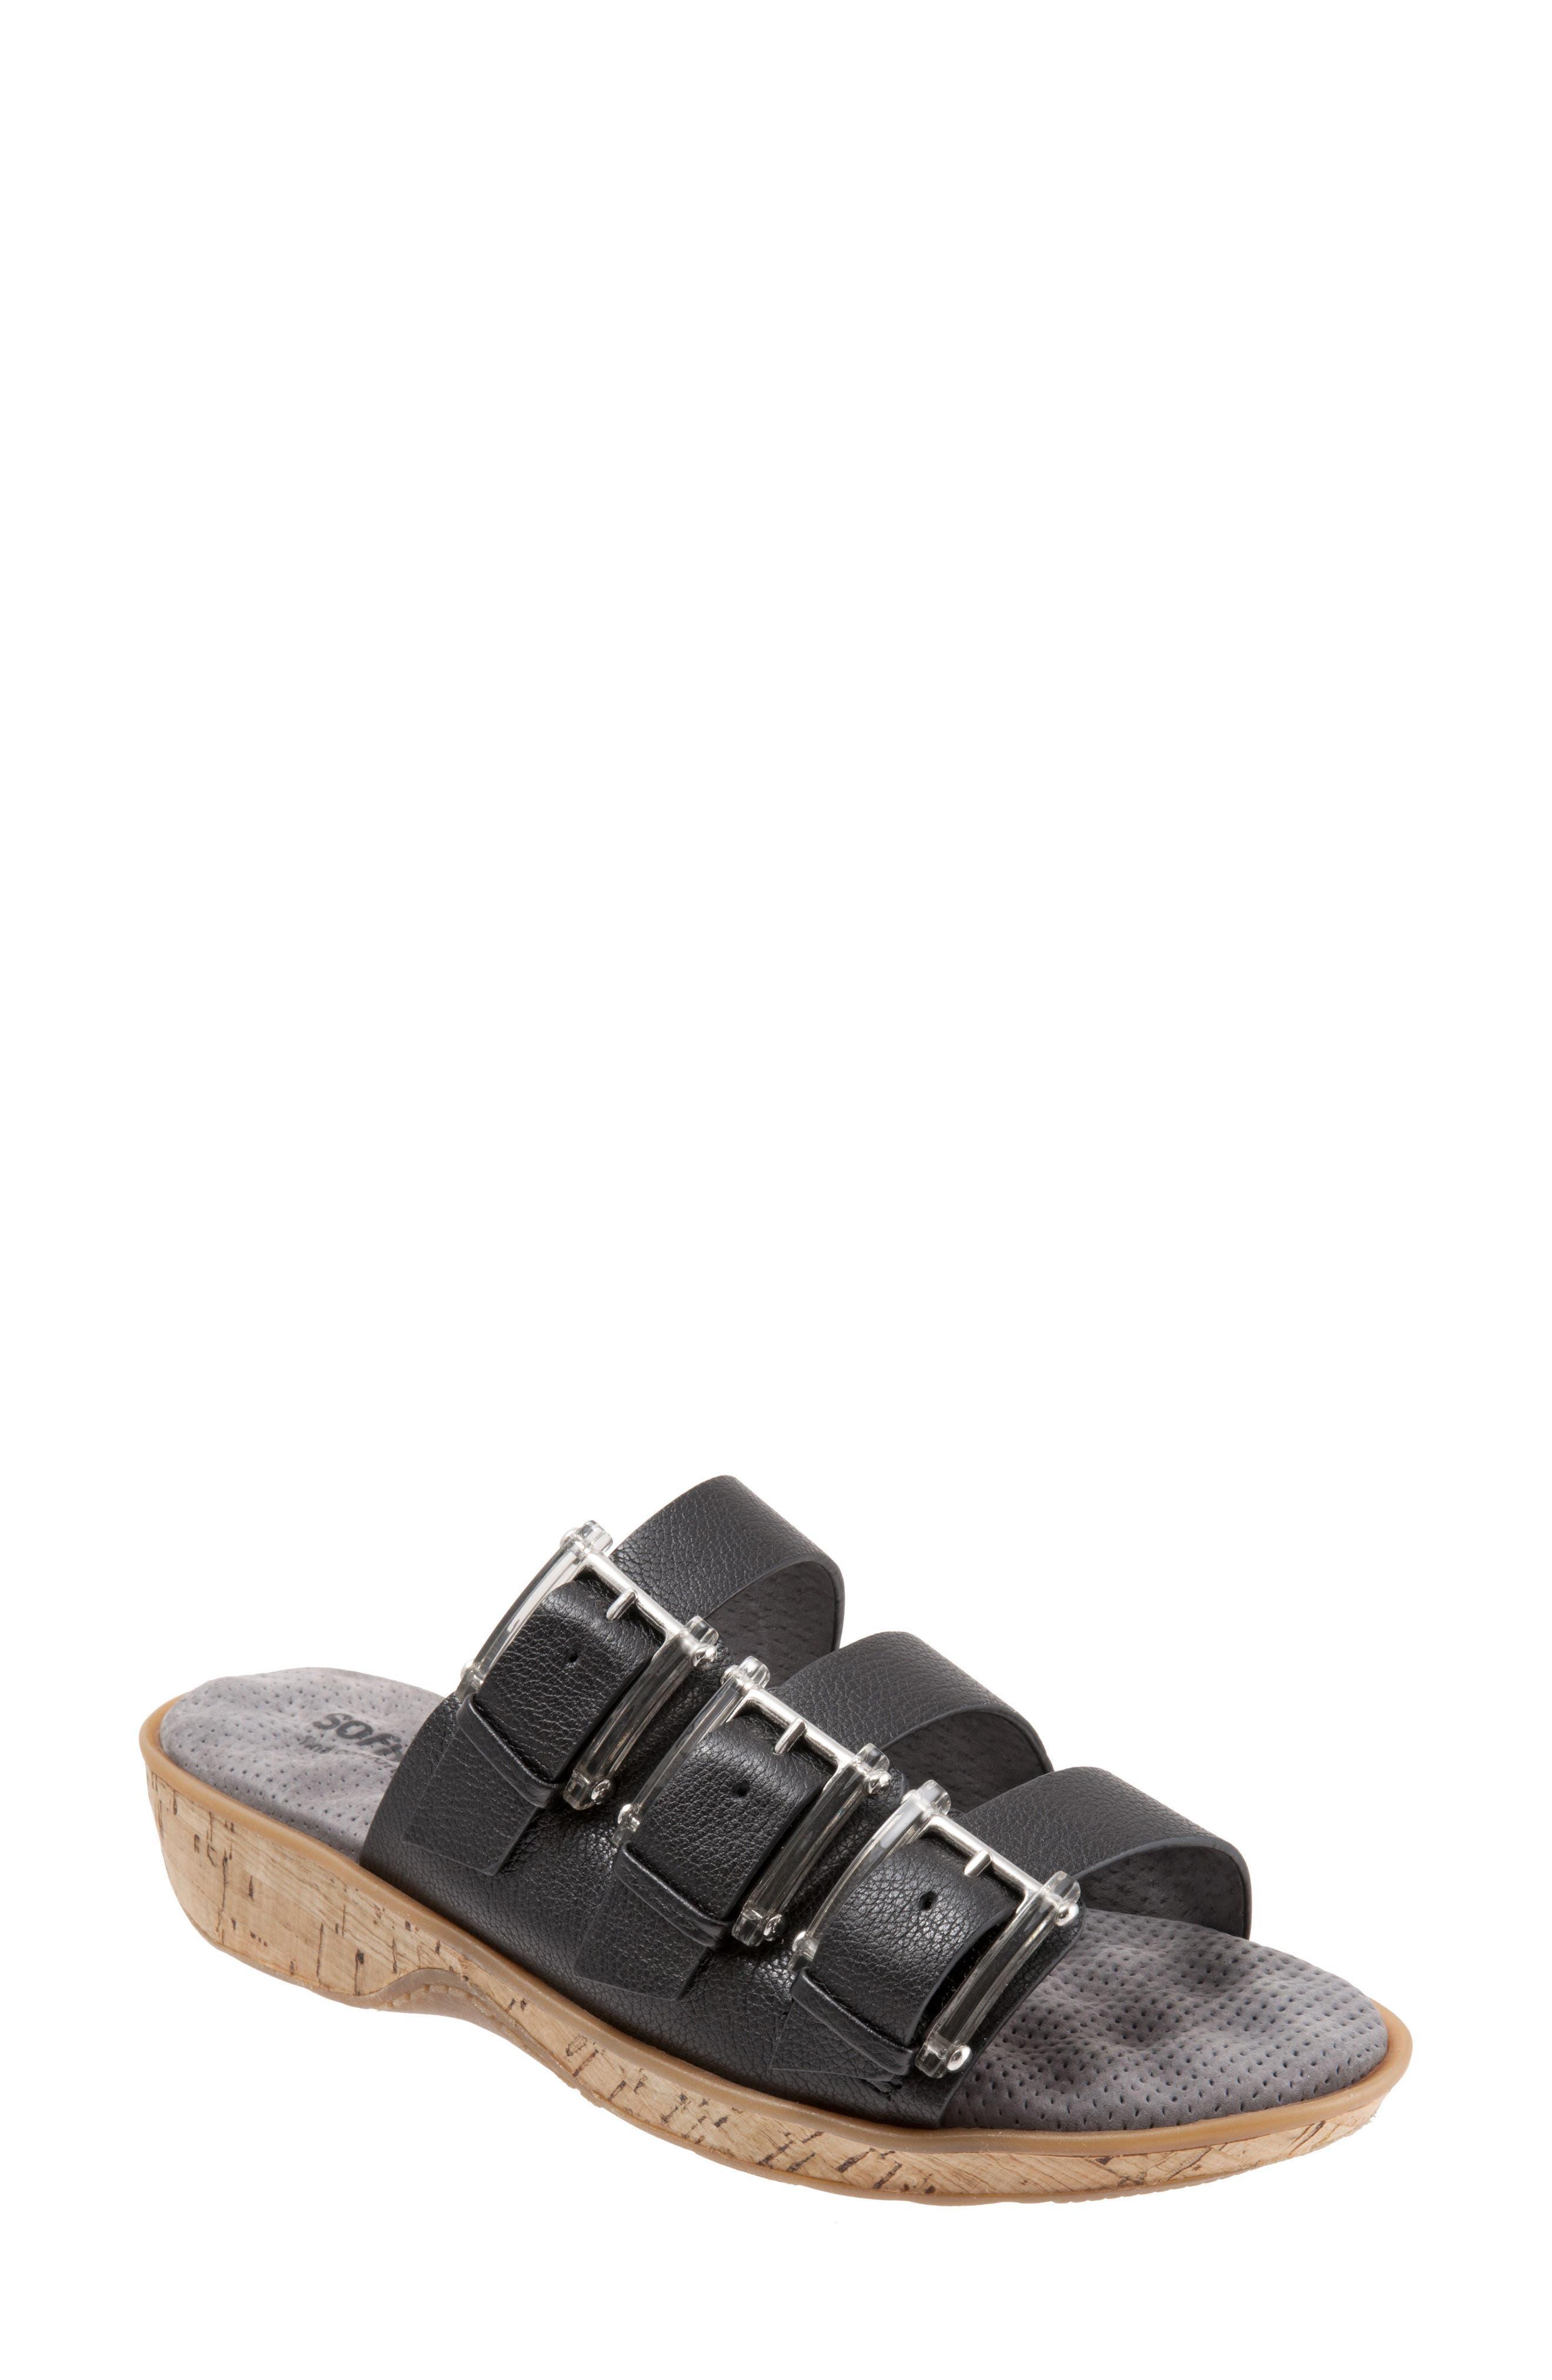 Barts Slide Sandal,                         Main,                         color,